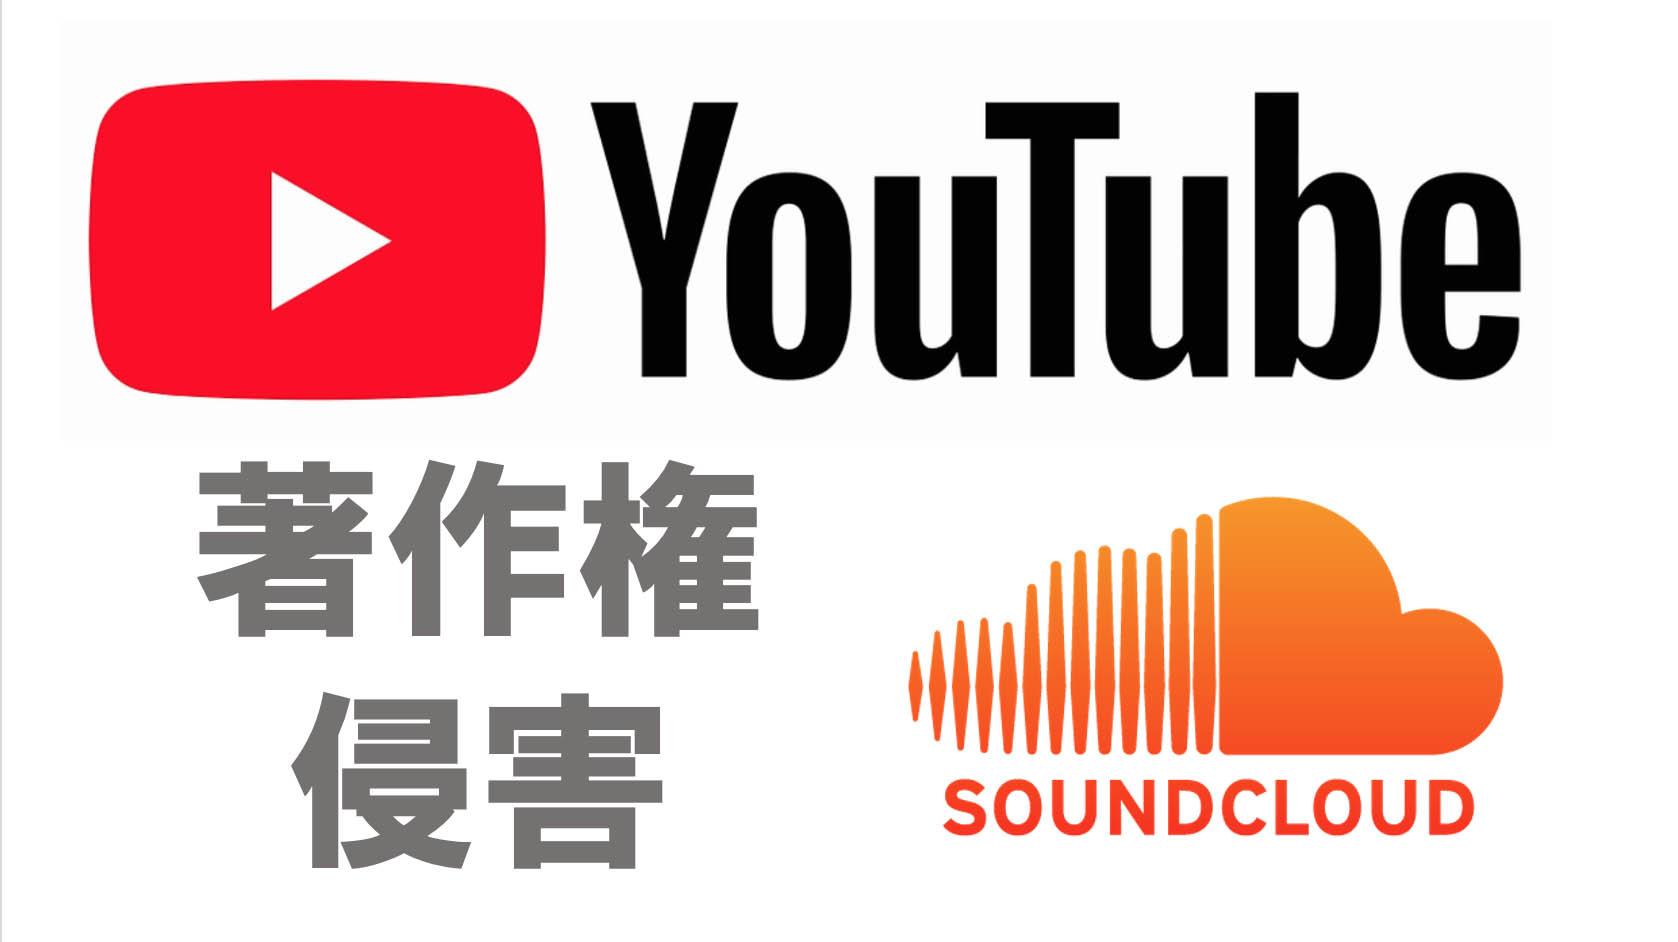 YouTube 著作権侵害の申し立てに対する異議申し立て方法